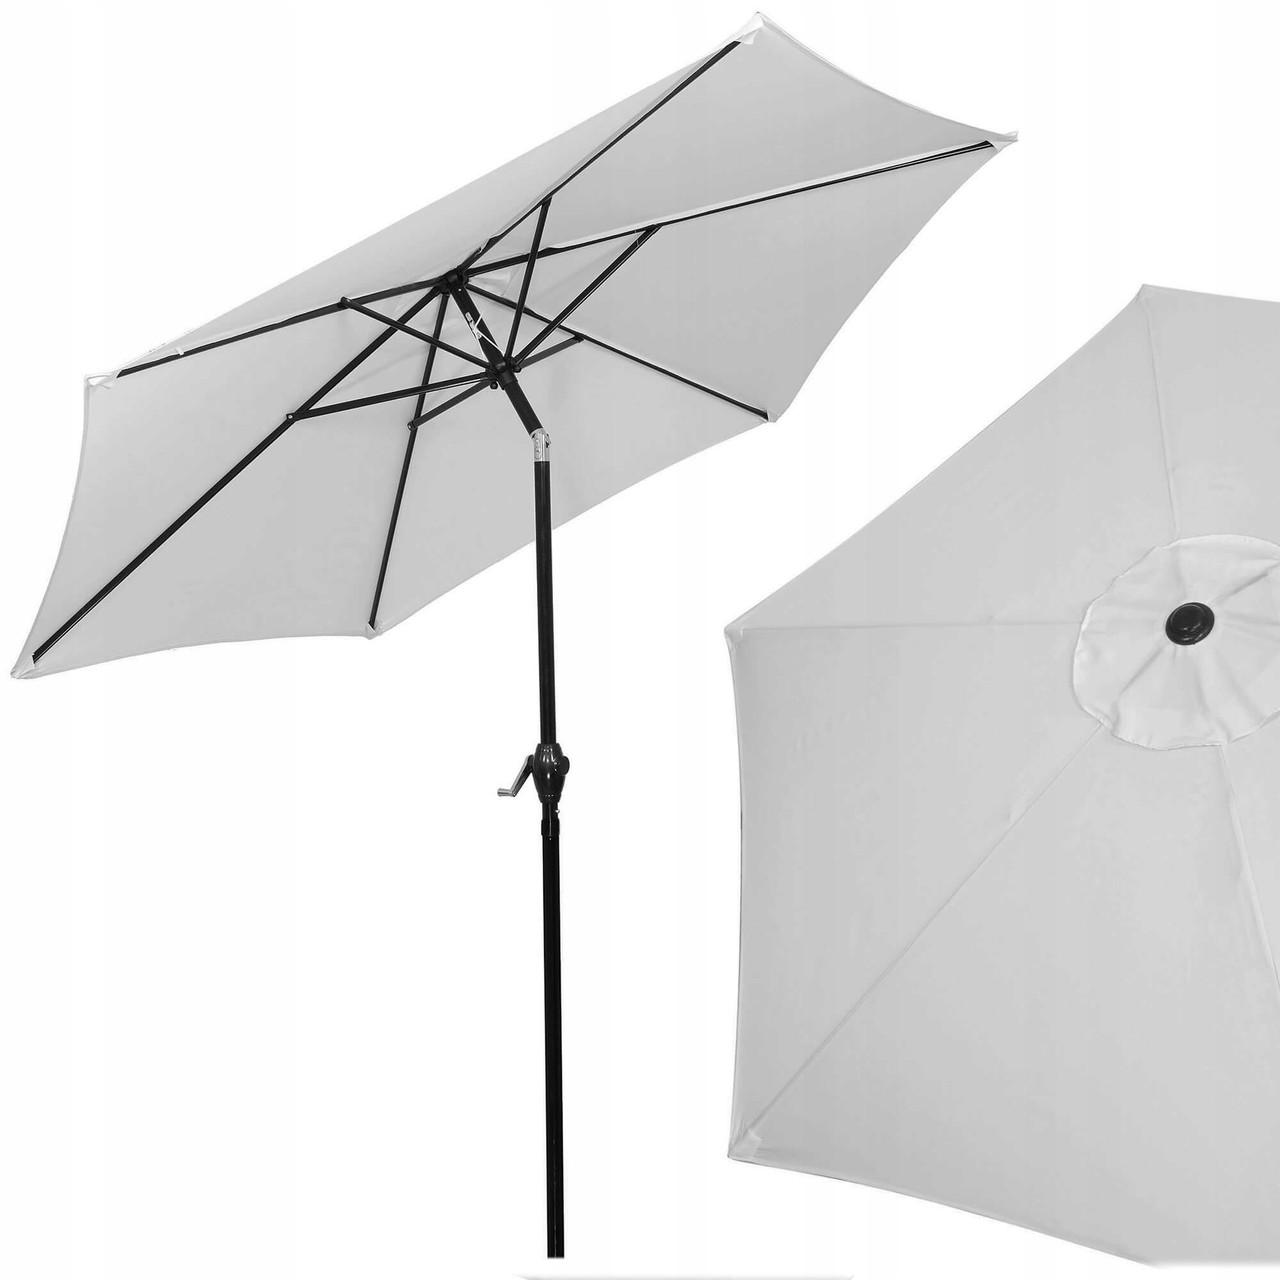 Зонт садовый стоячий (для террасы, пляжа) с наклоном Springos 250 см GU0012